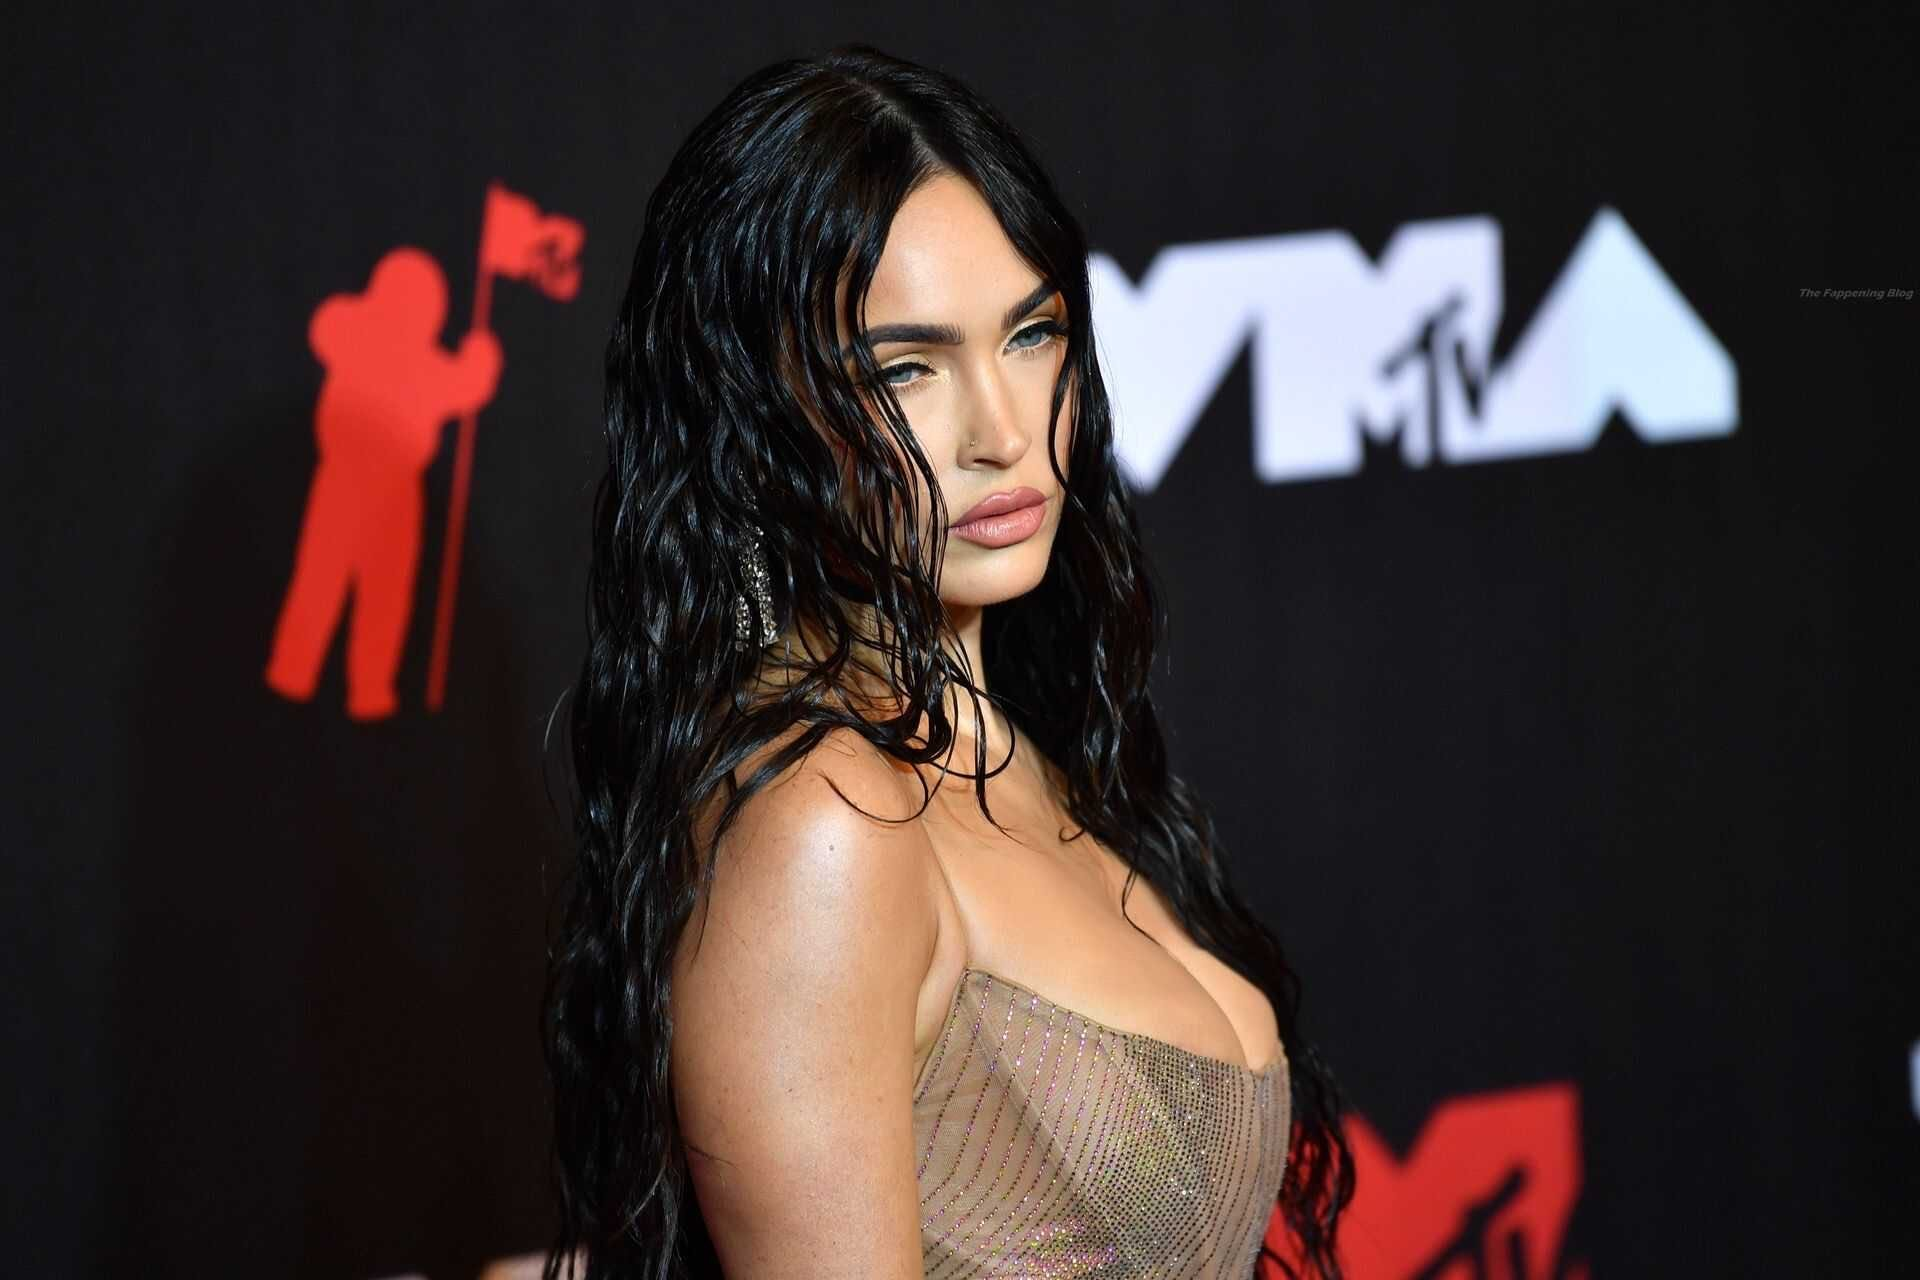 Меган Фокс покорила публику необычным платьем, появившись на красной дорожке